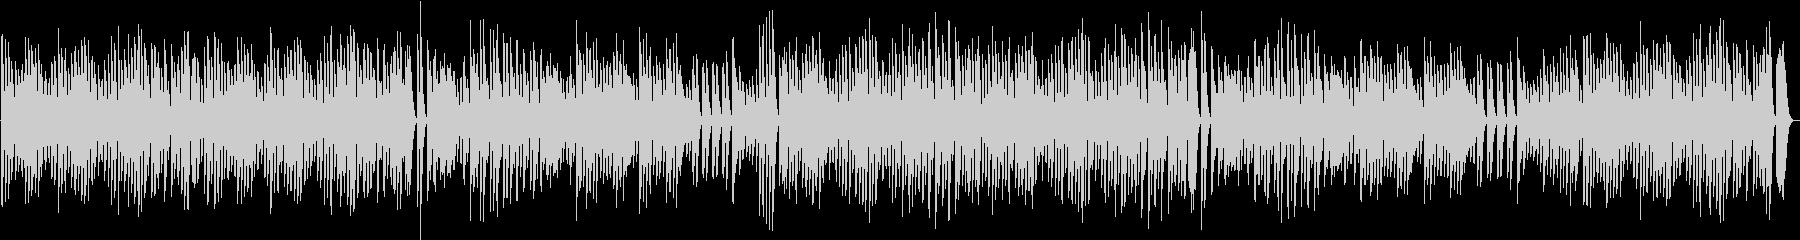 元気でワンパクなワクワクするピアノBGMの未再生の波形